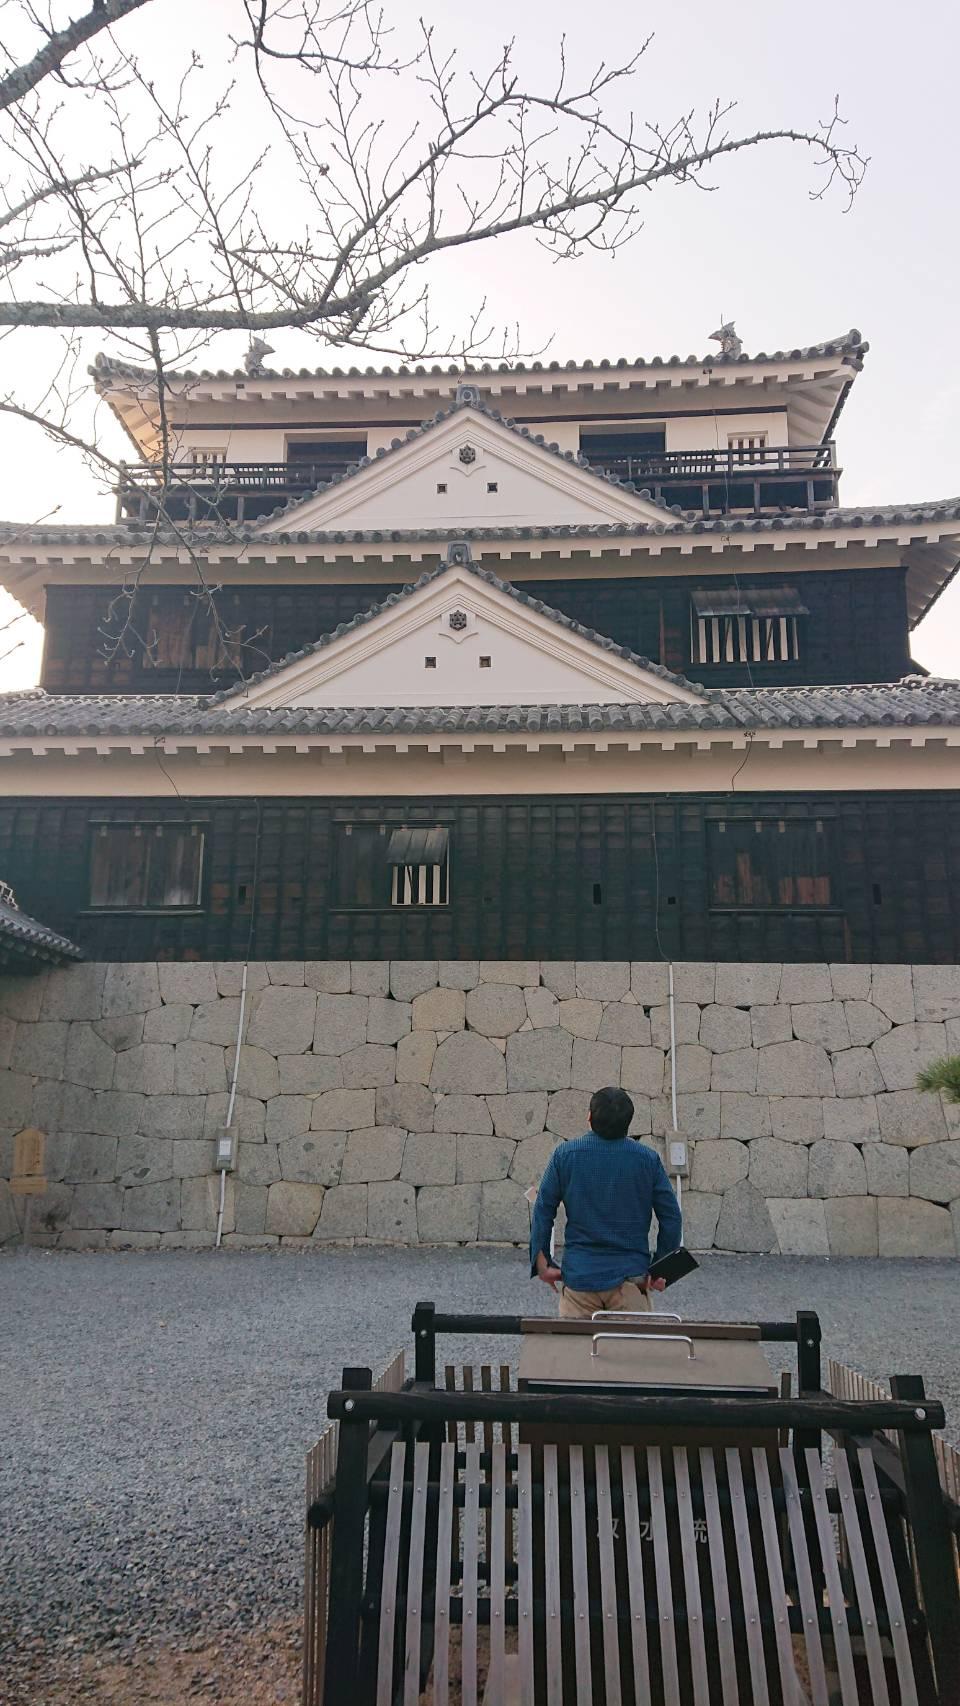 岡山店の森本が見に行った松山城の写真です。